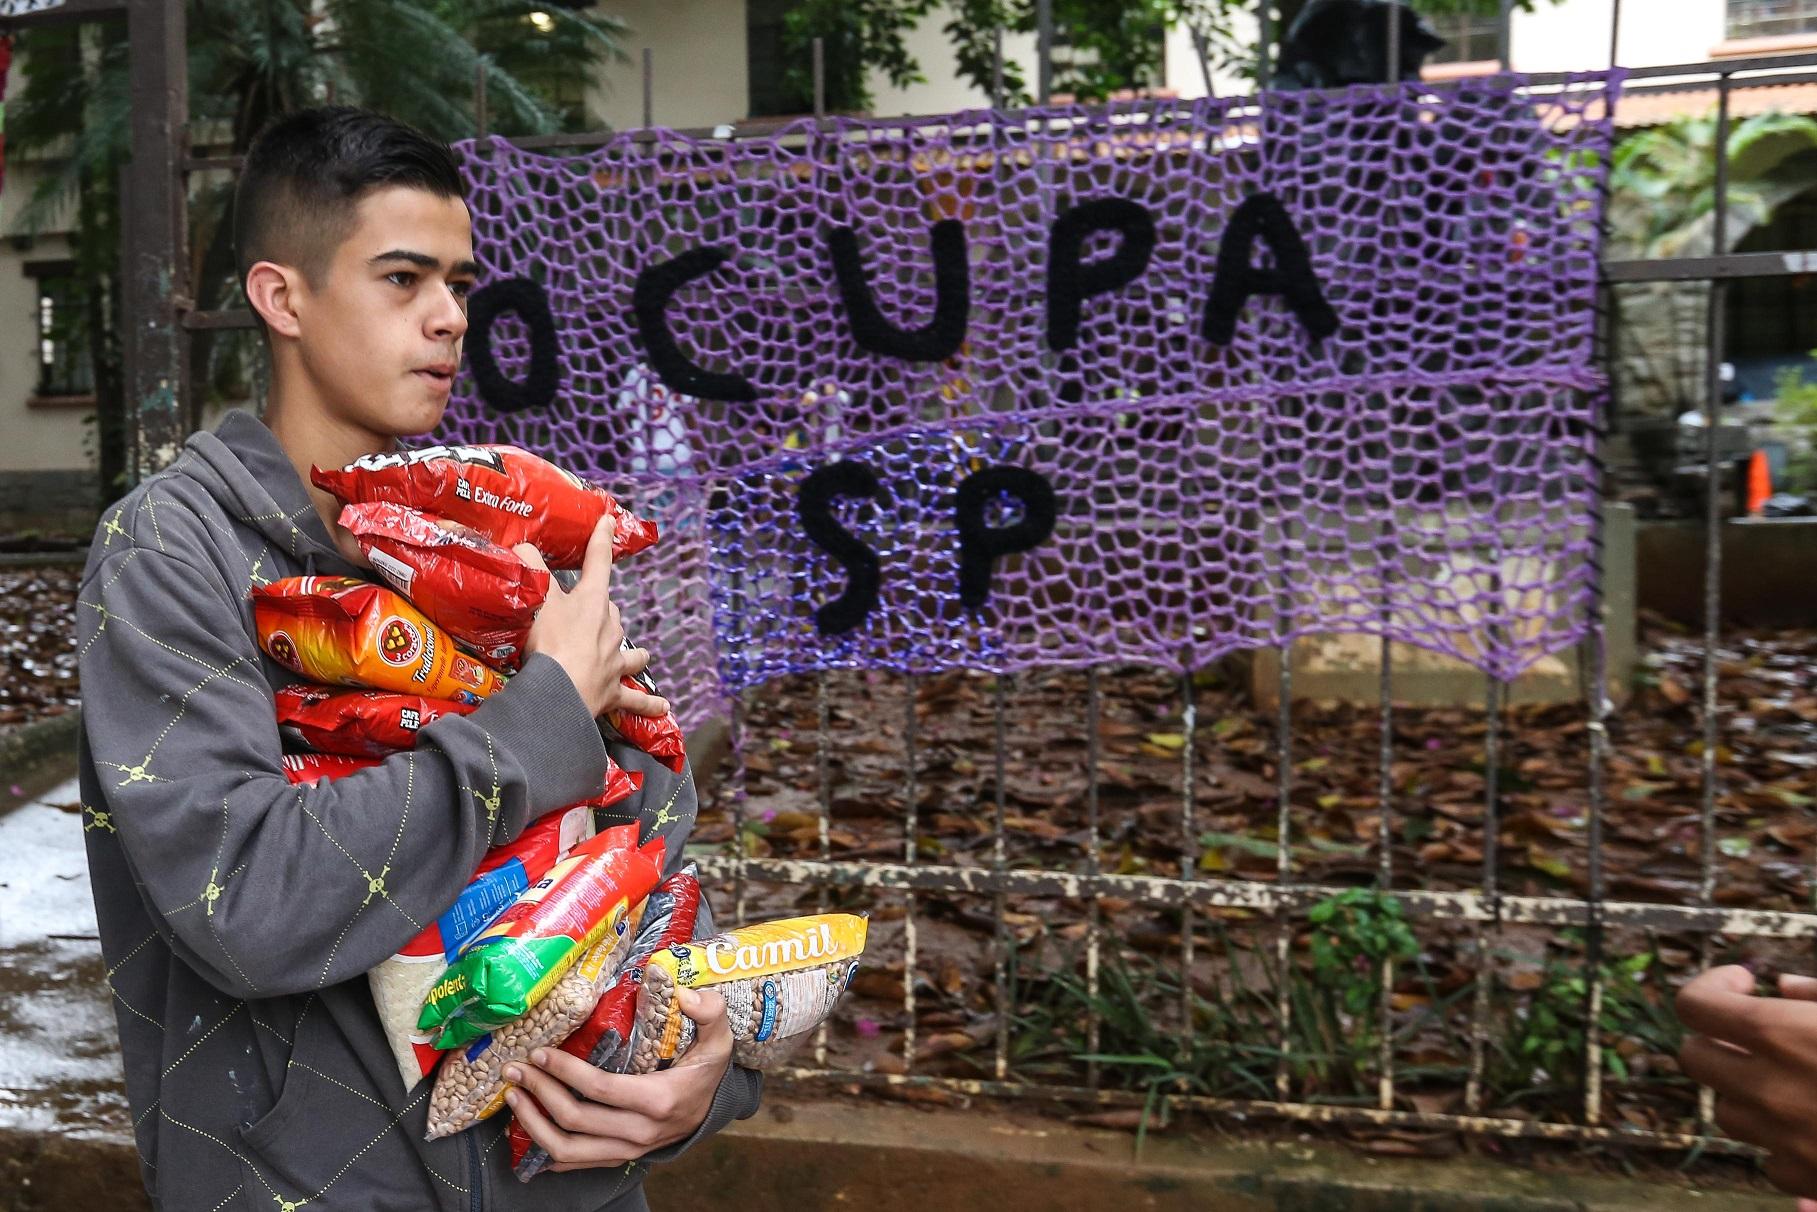 Estudante chega com mantimentos durante uma ocupação de escola em Pinheiros, São Paulo. Foto de Vanessa Carvalho/Brazil Photo Press